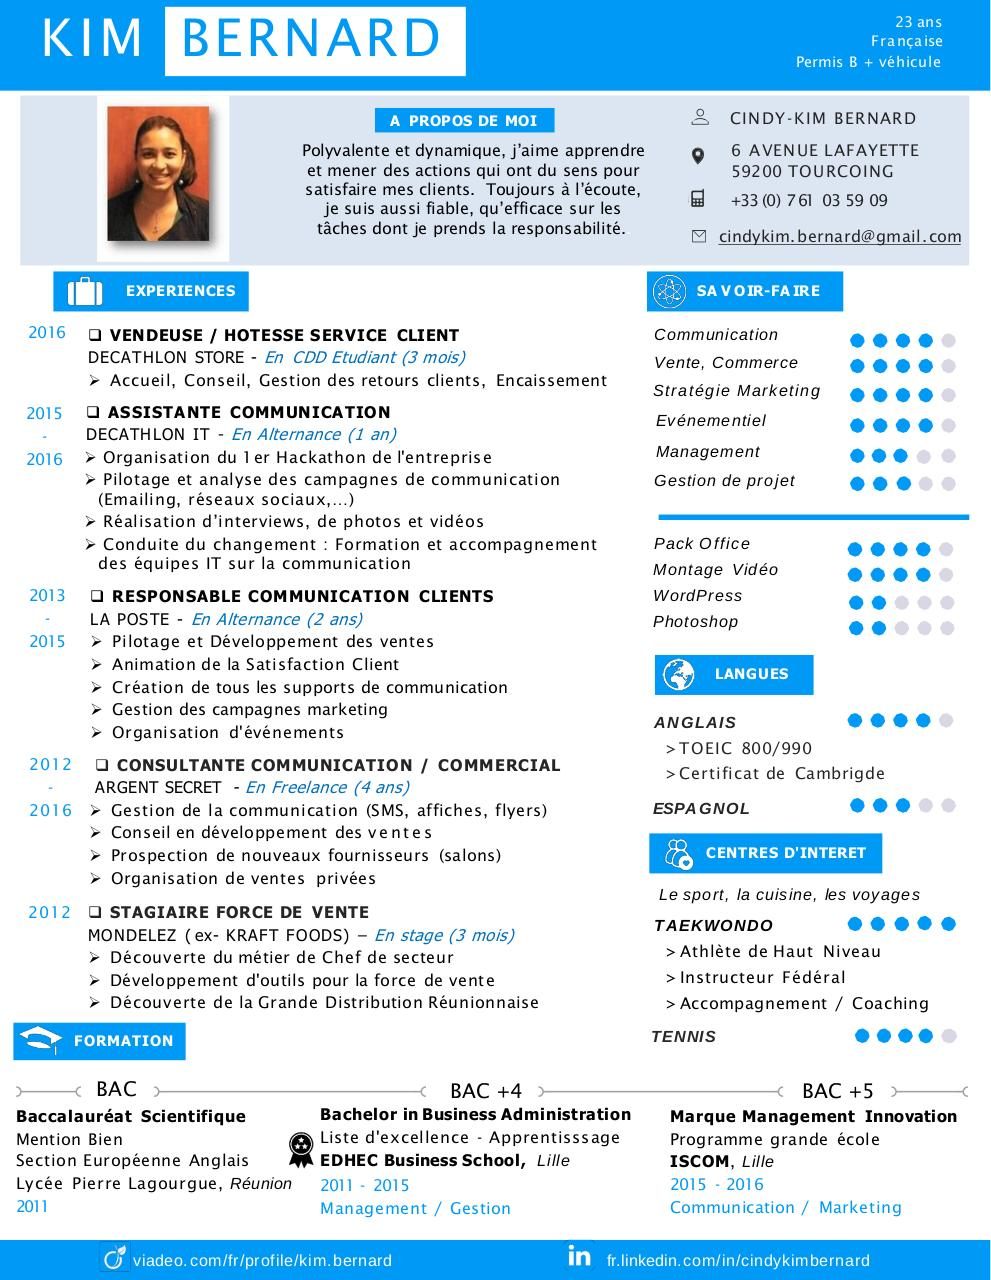 cv kim par cindykim91 - cv kim bernard pdf